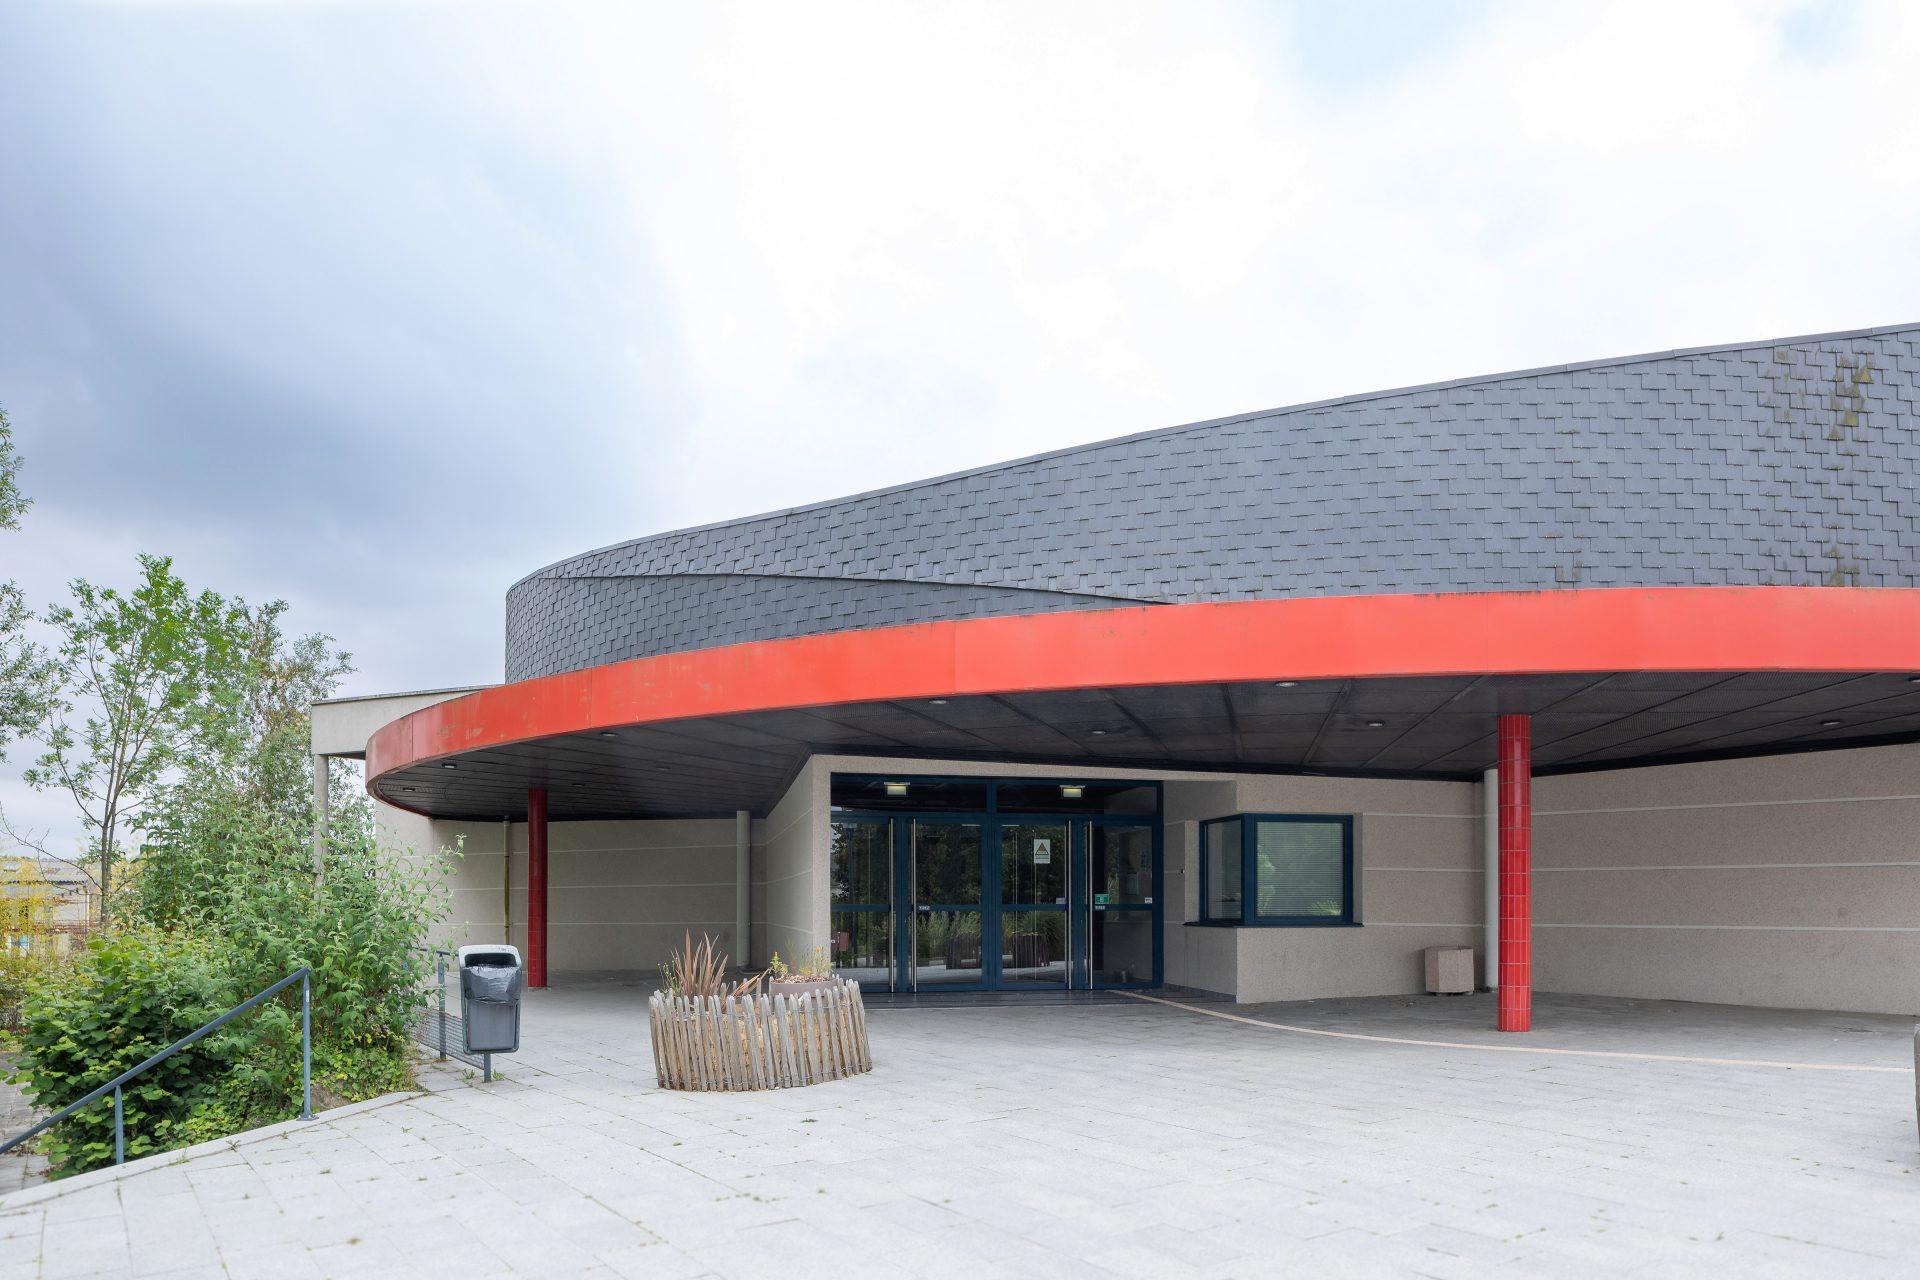 17.59 Théâtre Ligeria-OXA Architectures-Sainte-Luce-sur-Loire-F.Dantart-(1)